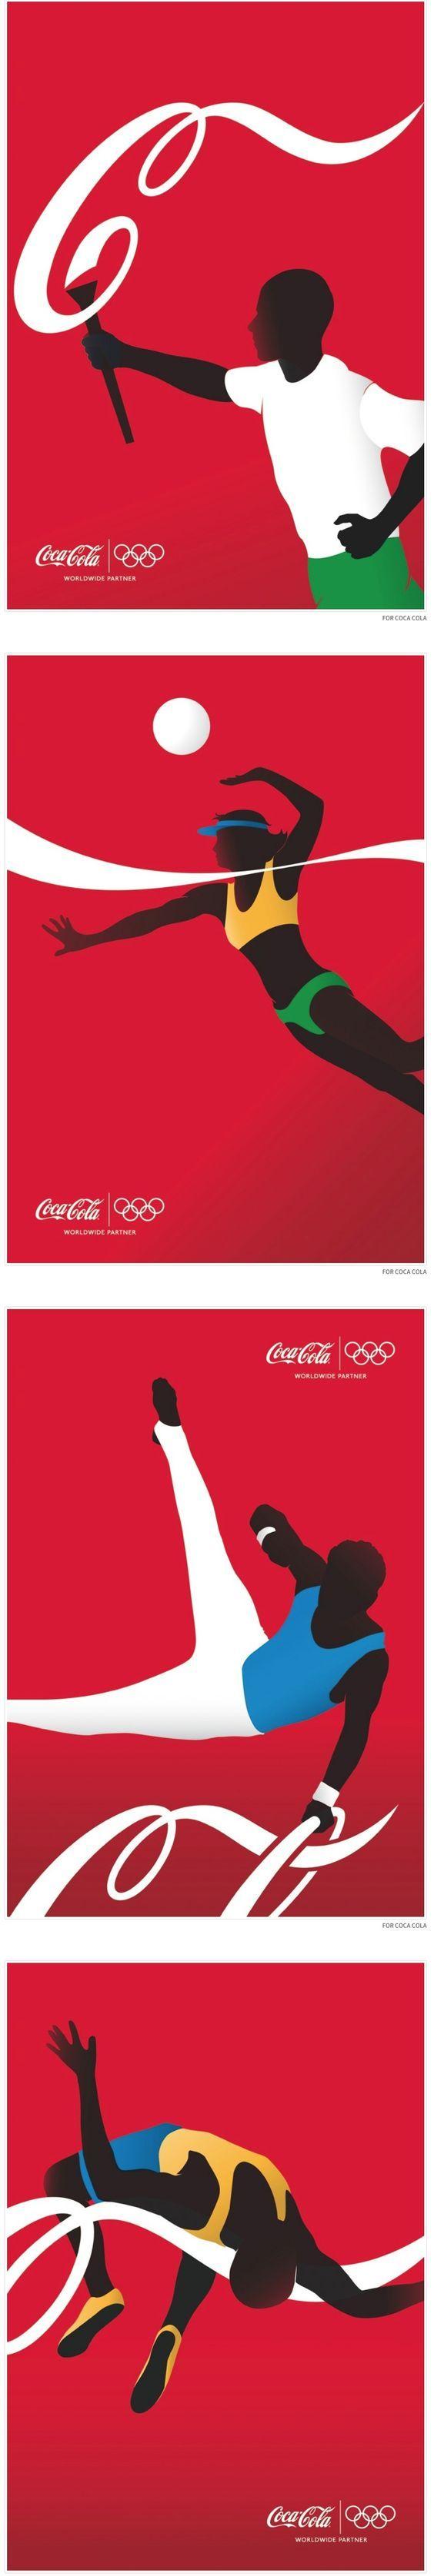 코카콜라 올림픽 광고 Creative COCA COLA Olympic Ads: